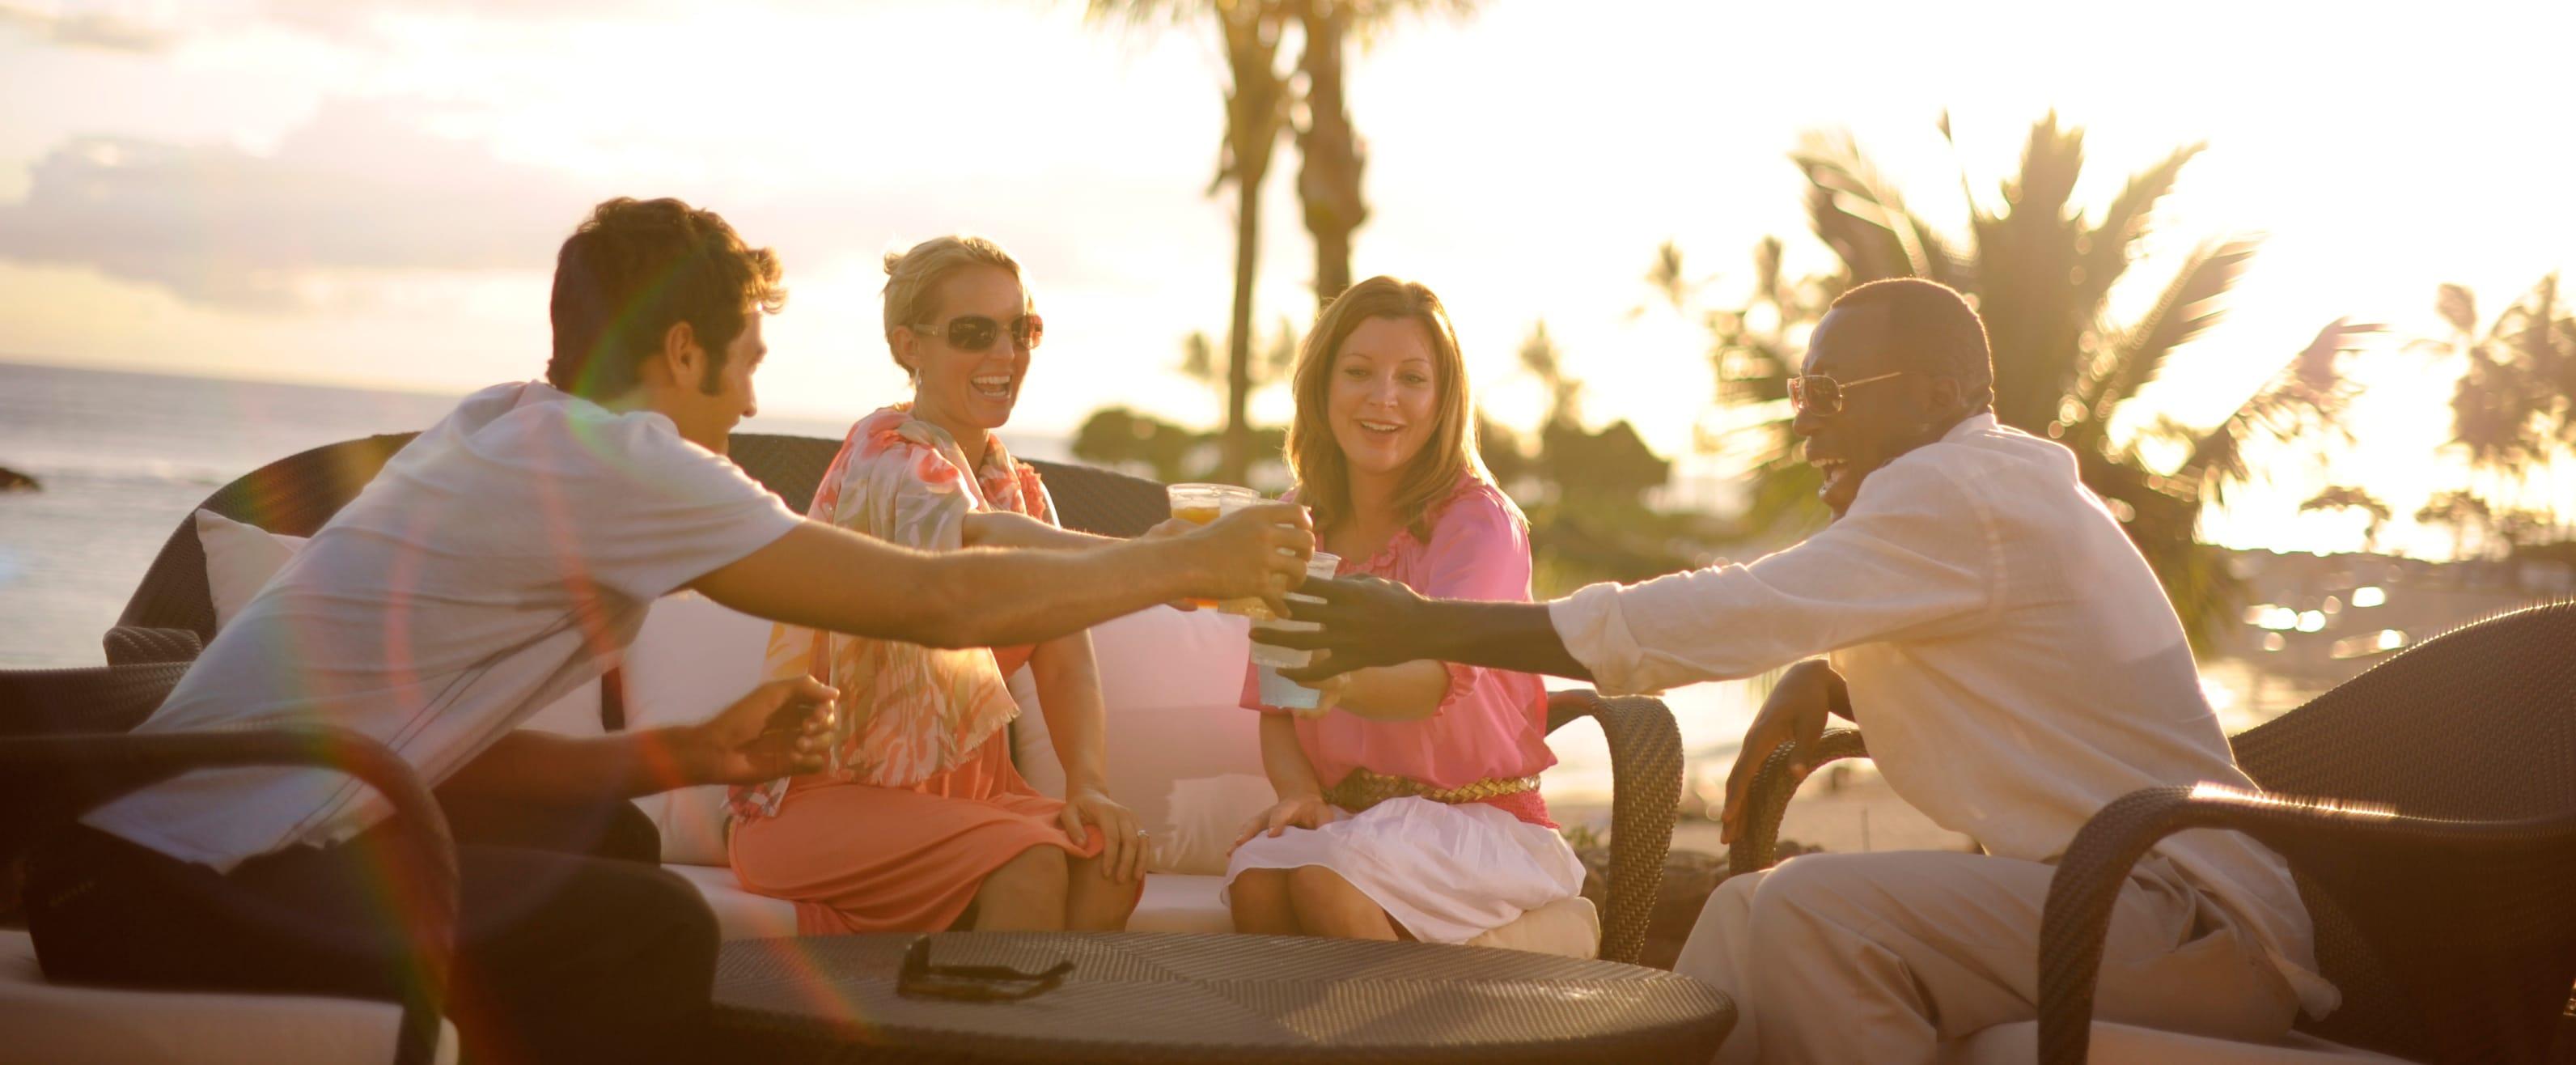 オーシャン・ビューを望む外のテーブルで乾杯をする 2 人の男性と 2 人の女性